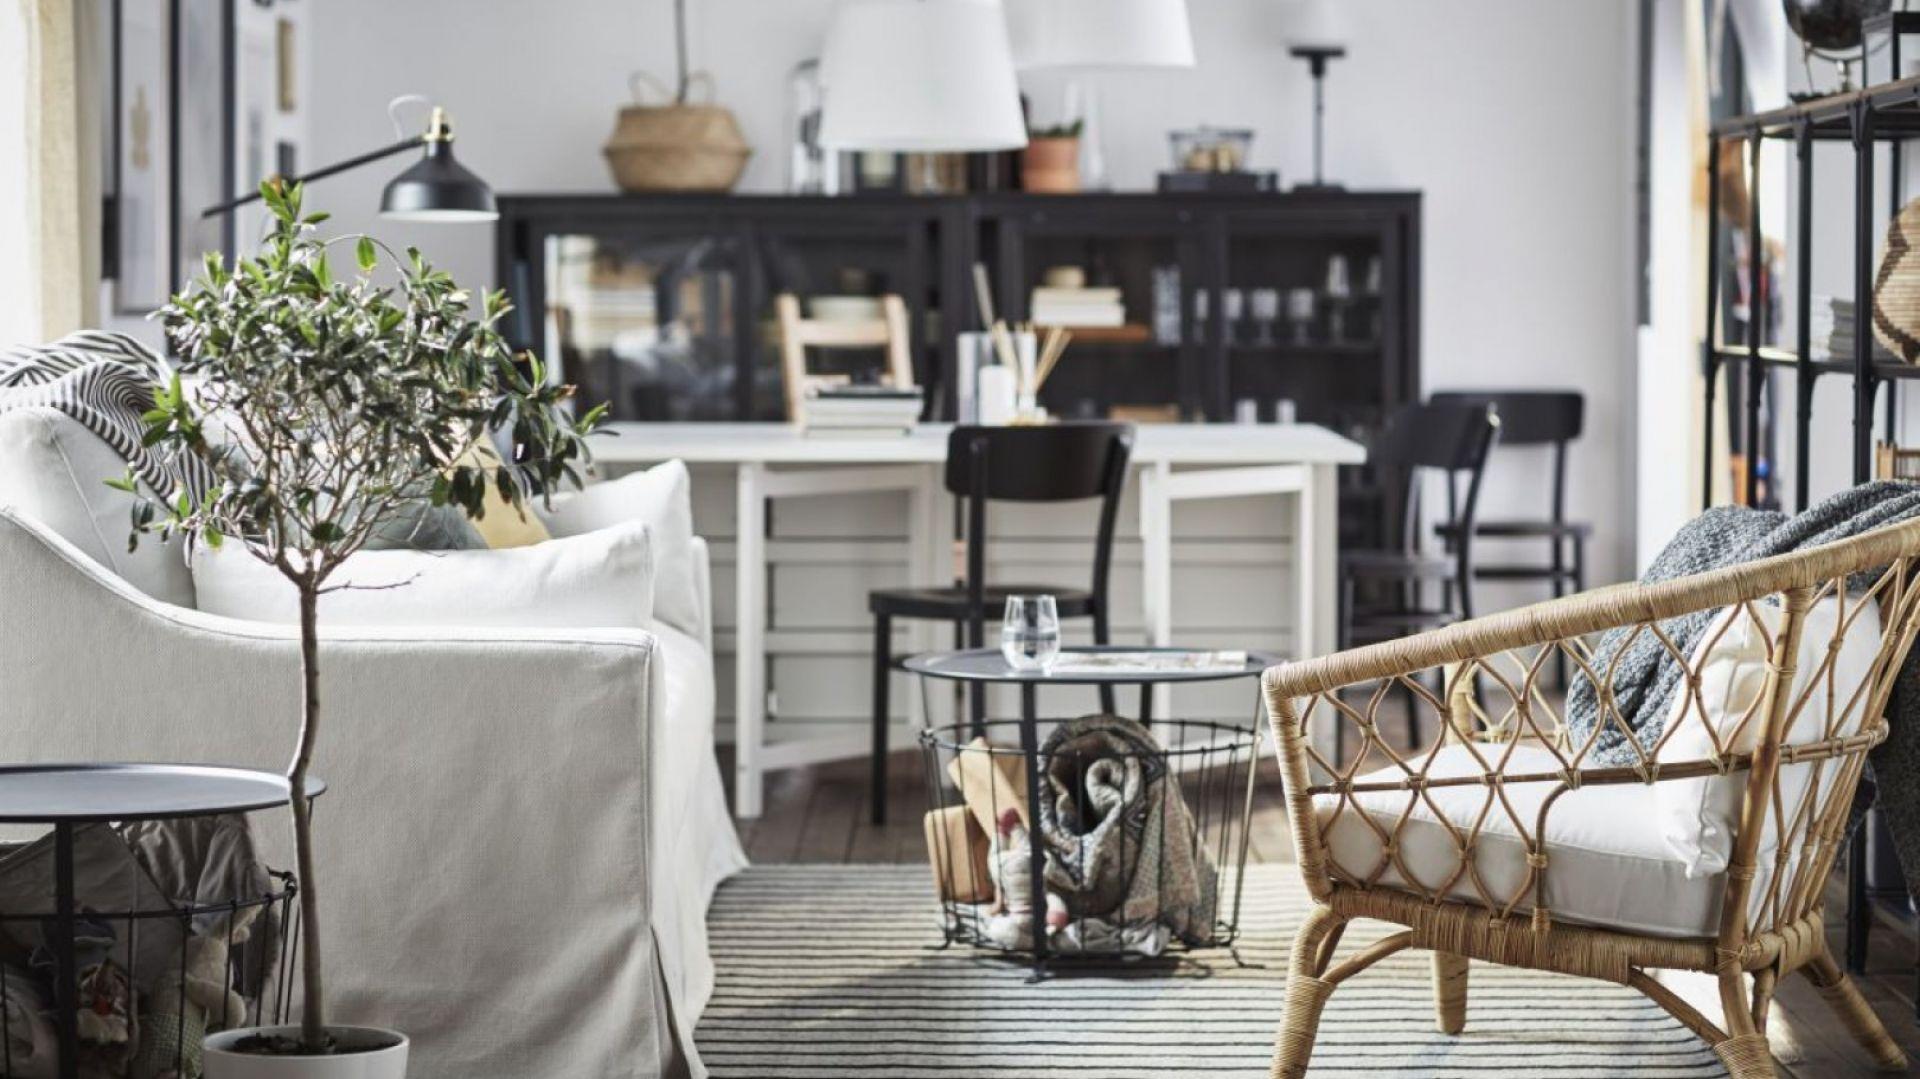 Stolik kawowy Gualov dostępny w ofercie marki IKEA. Fot. IKEA